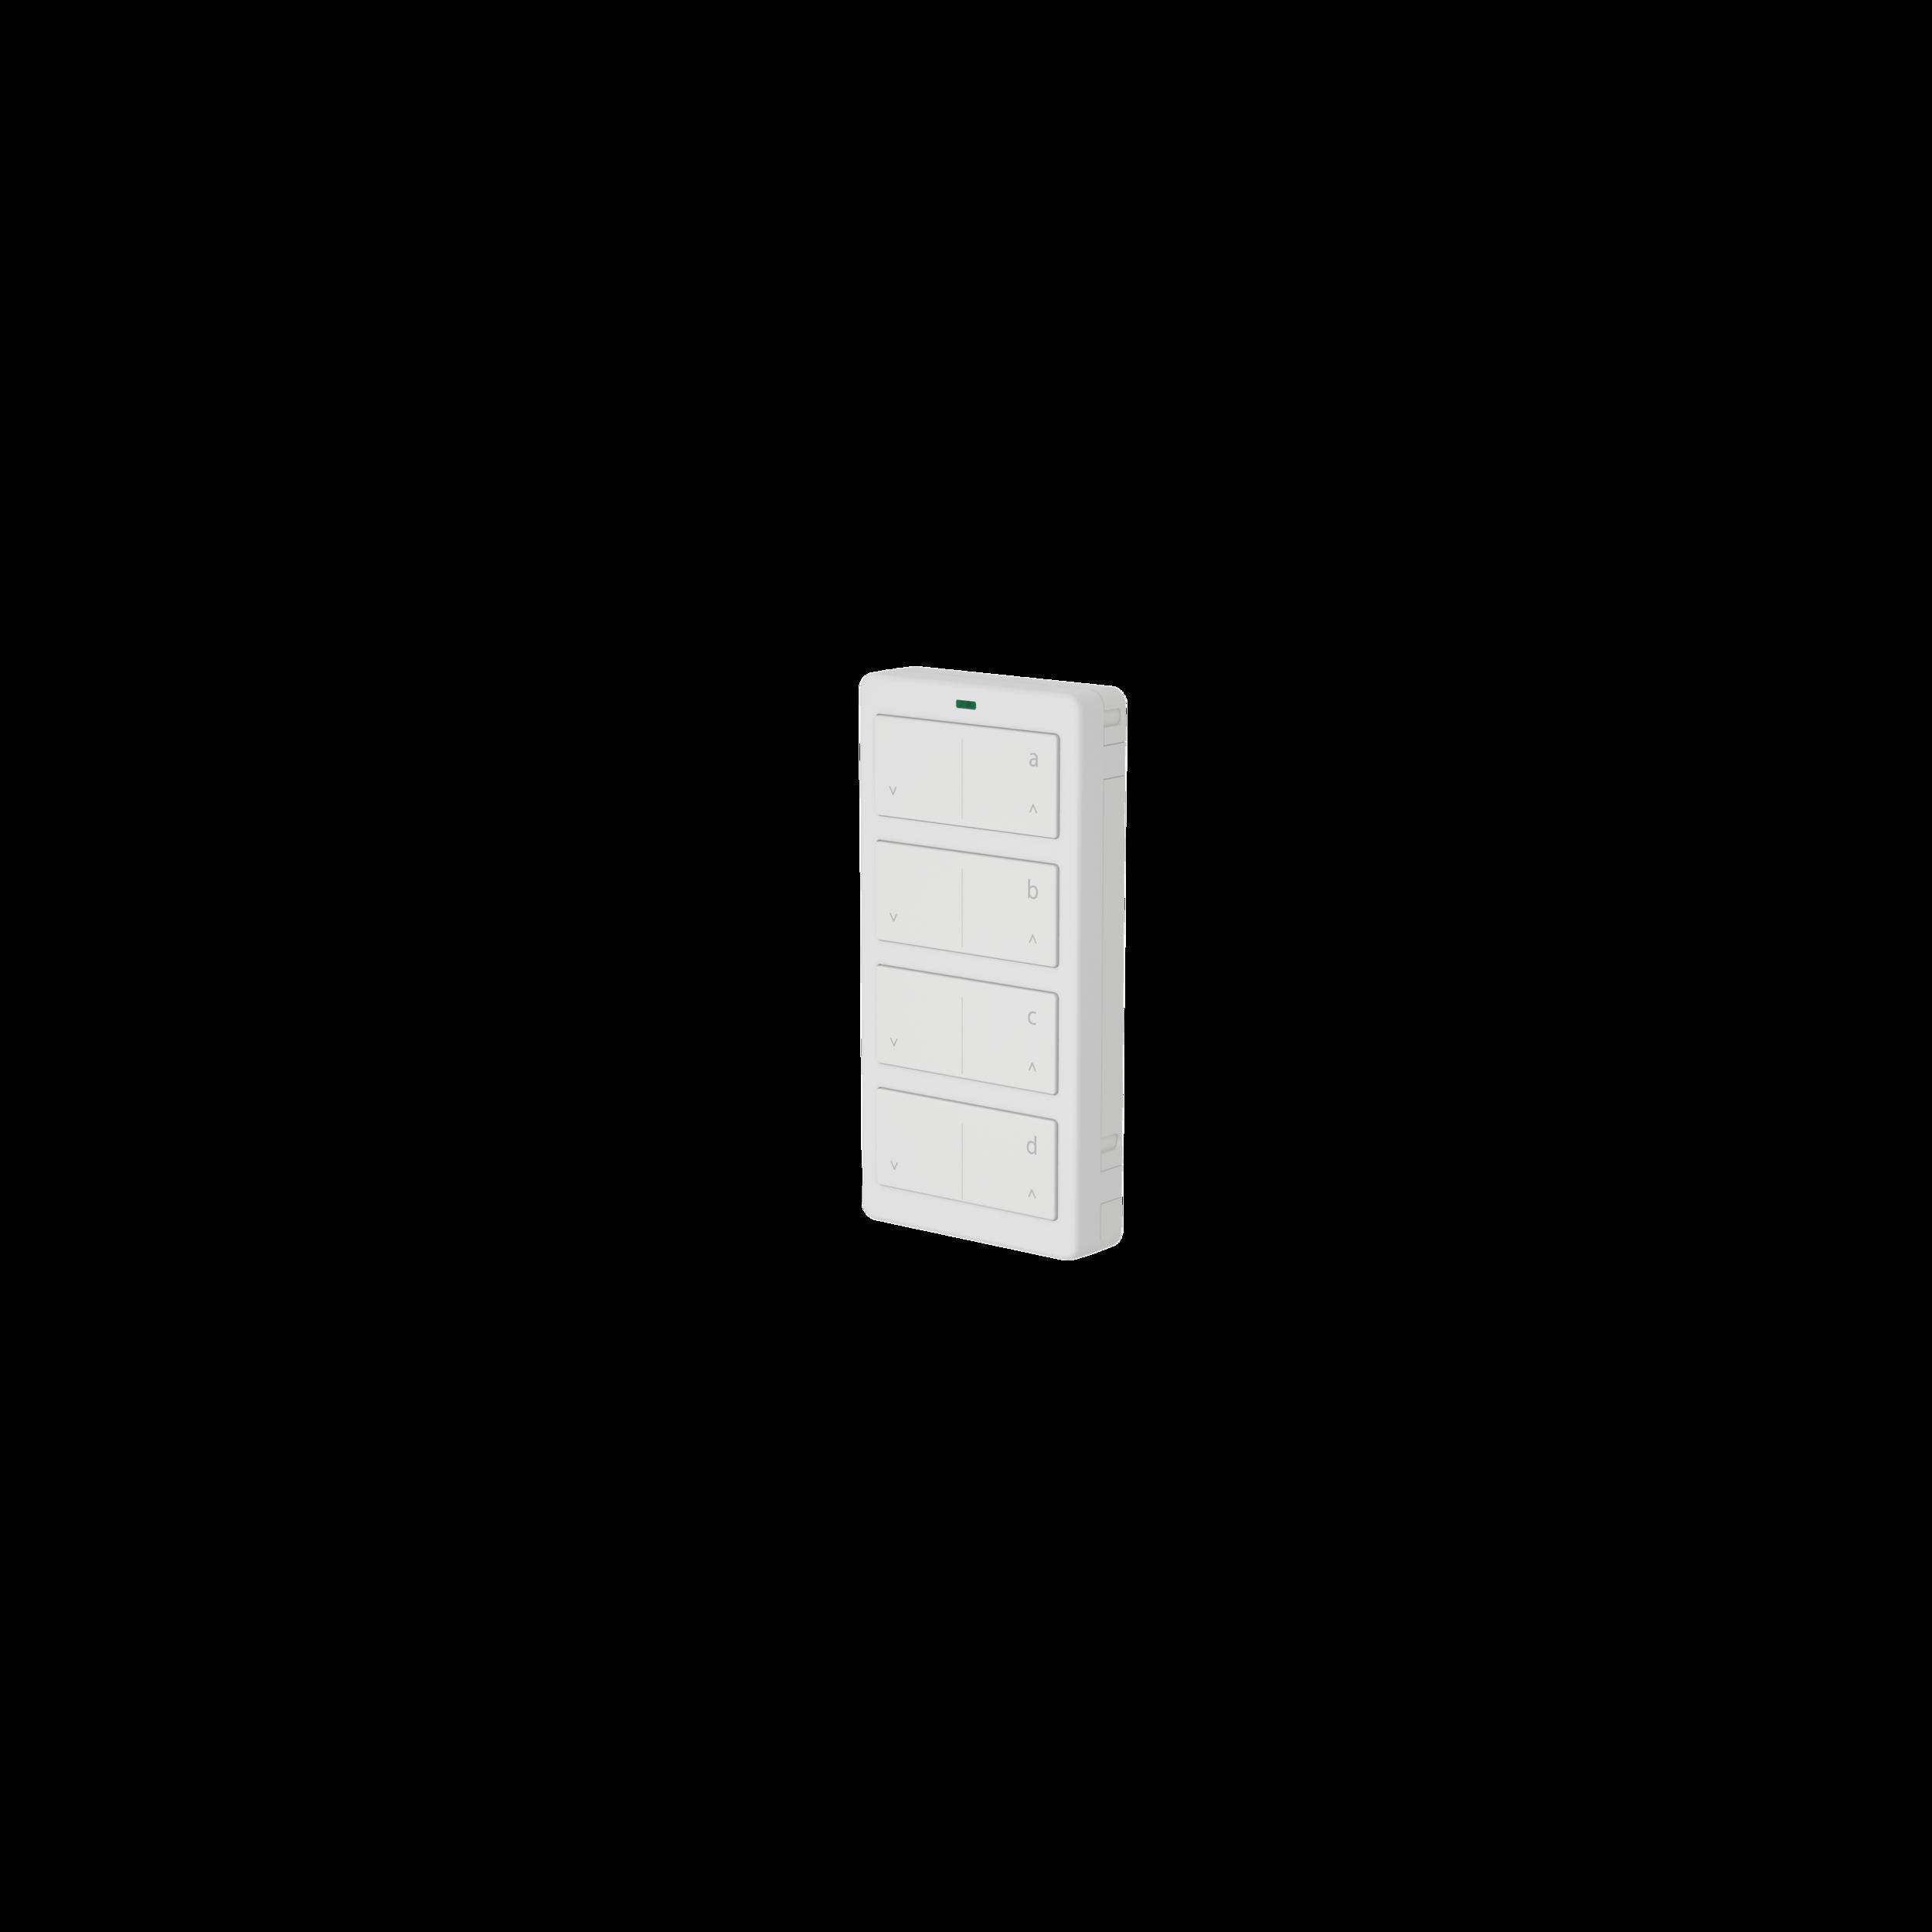 Mini Remote 02.png